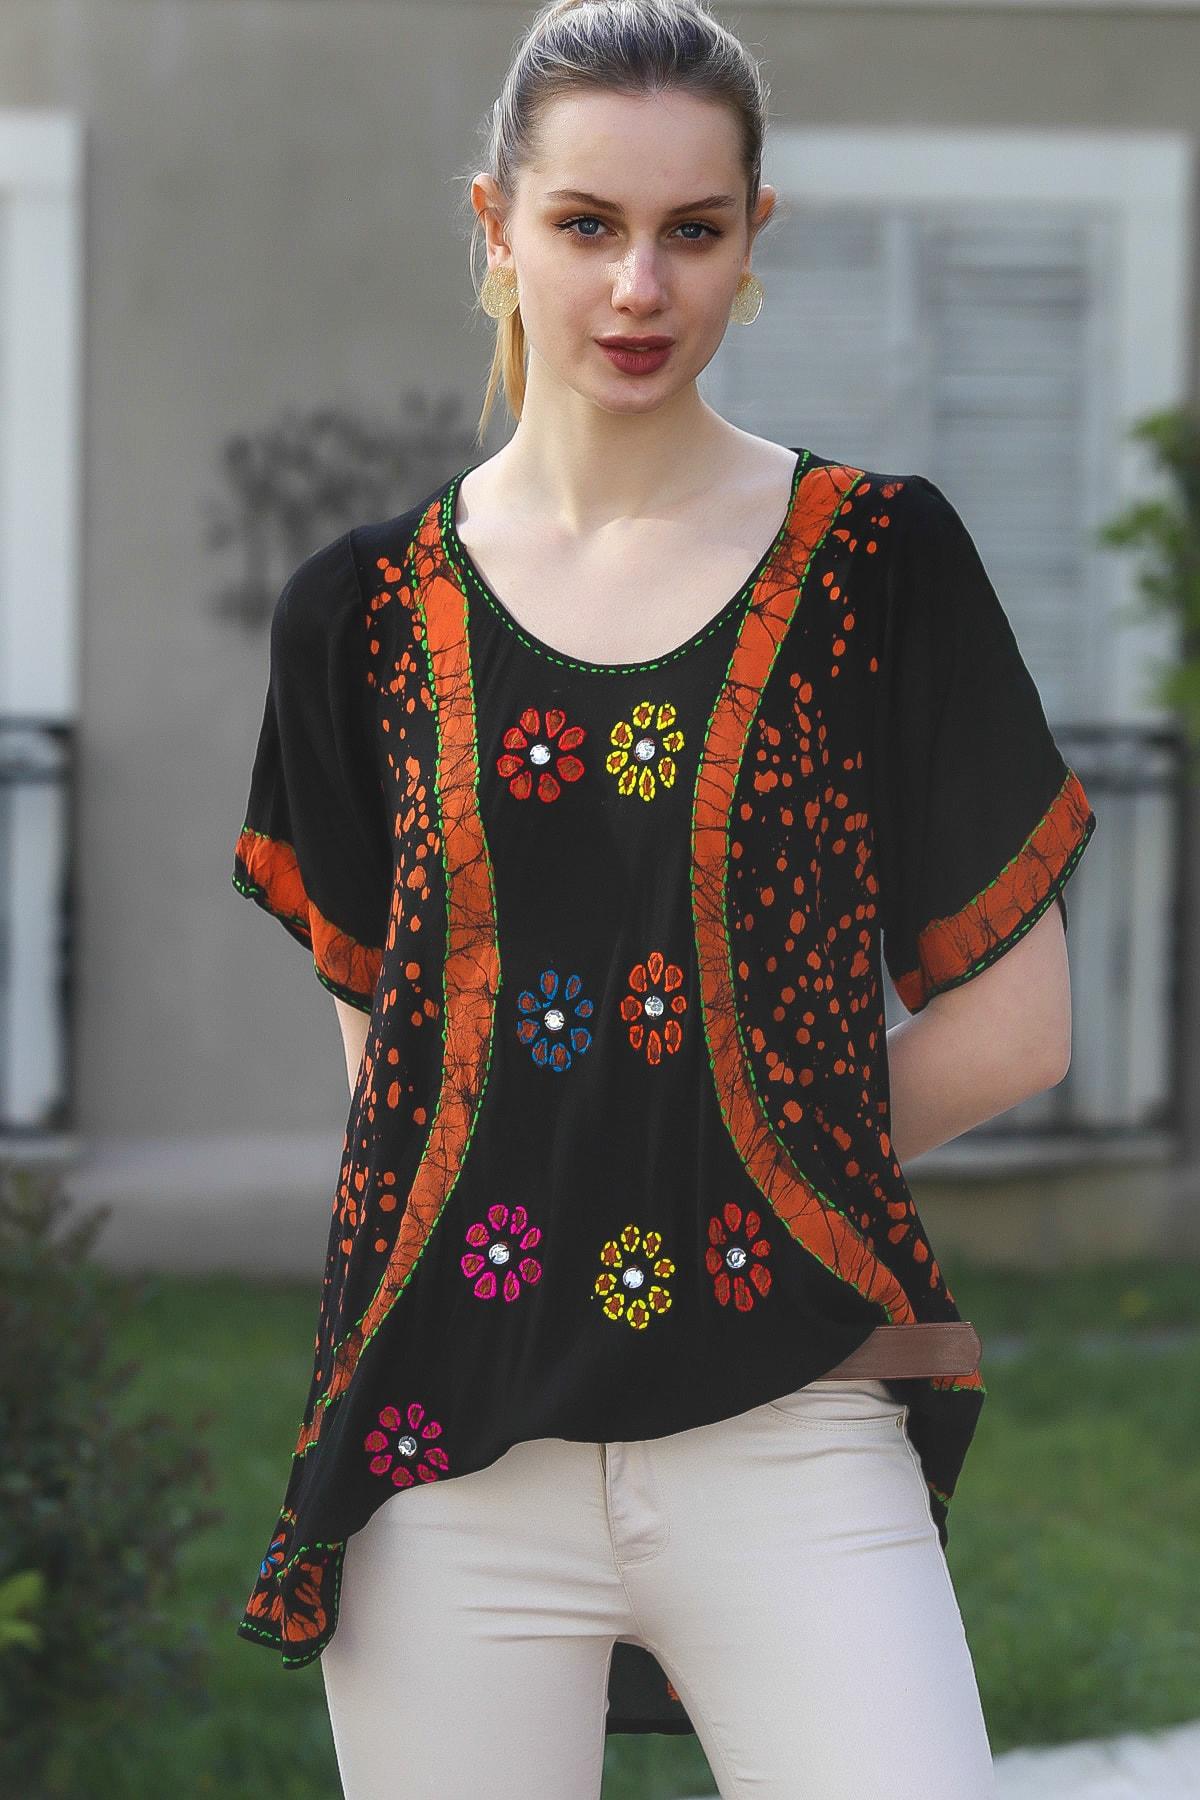 Chiccy Kadın Siyah U Yaka Çiçek Nakışlı Batik Desenli Salaş Tunik Bluz M10010200BL95380 1